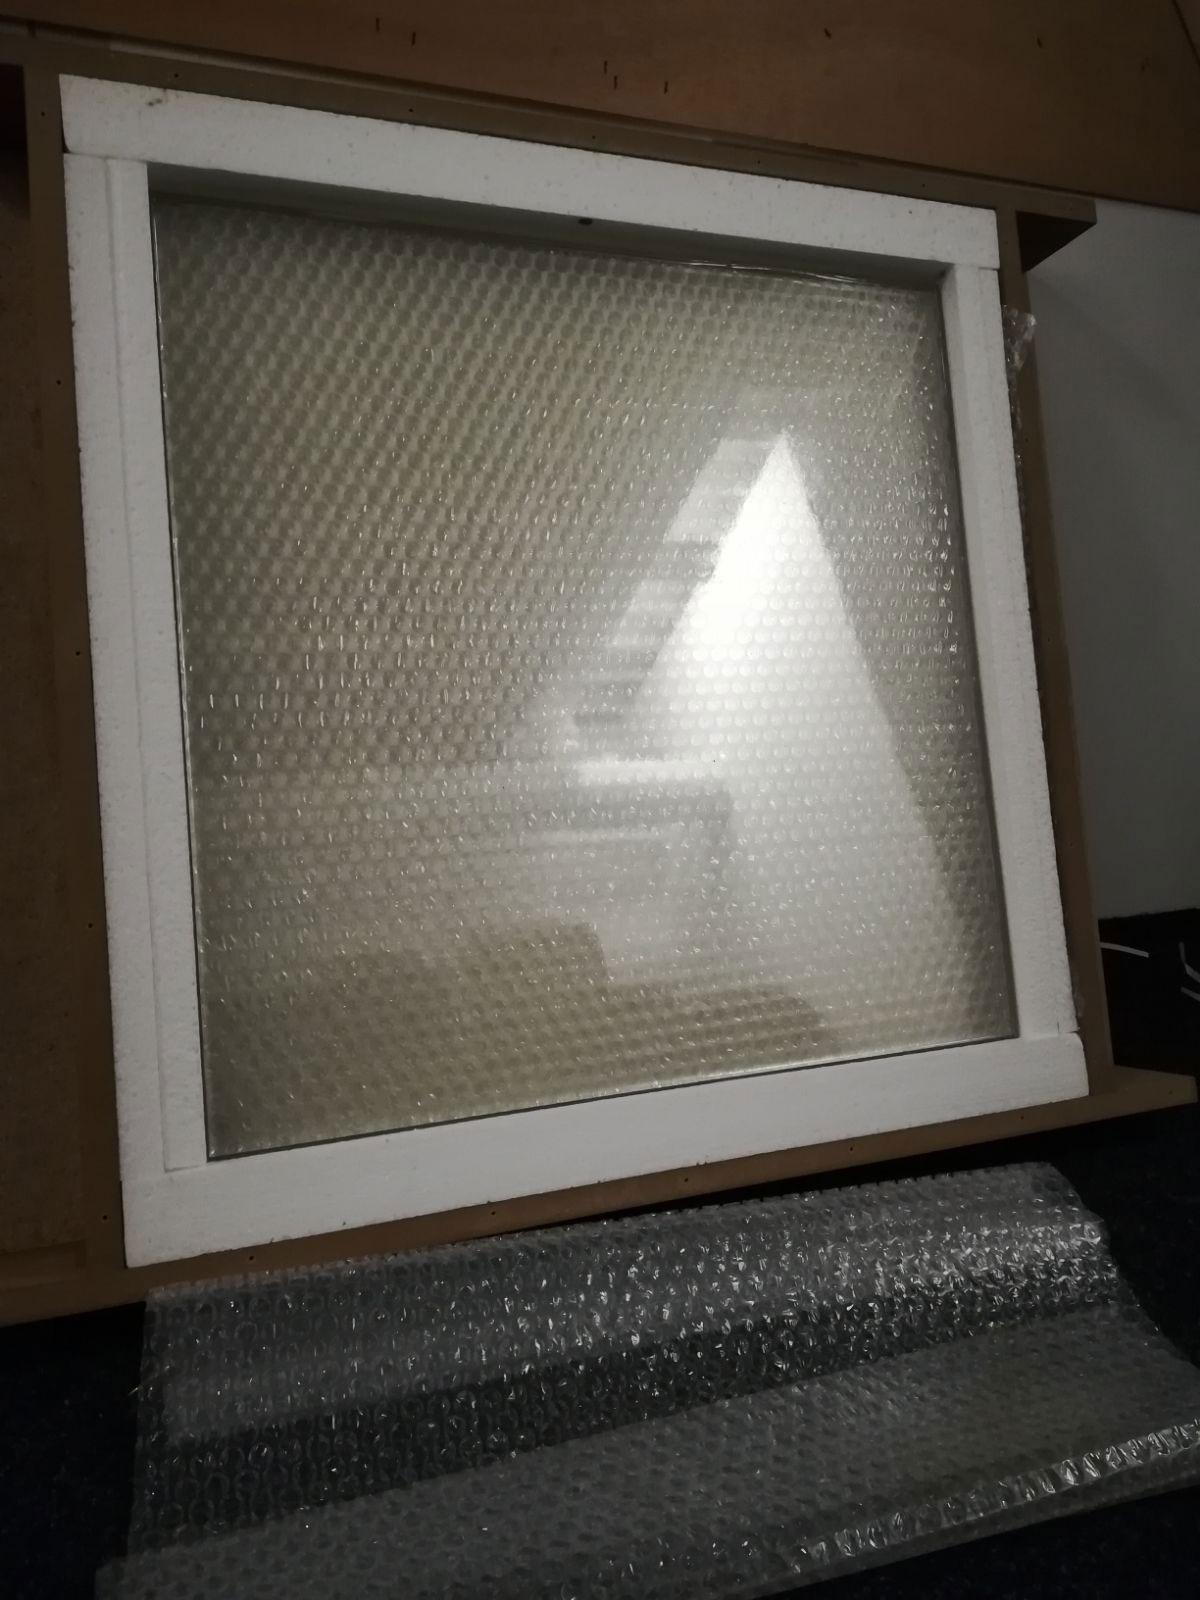 Filmglas - suikerglas ruit / raam van 50 x 50 Centimeter. Gemaakt van doorzichtig suikerglas.